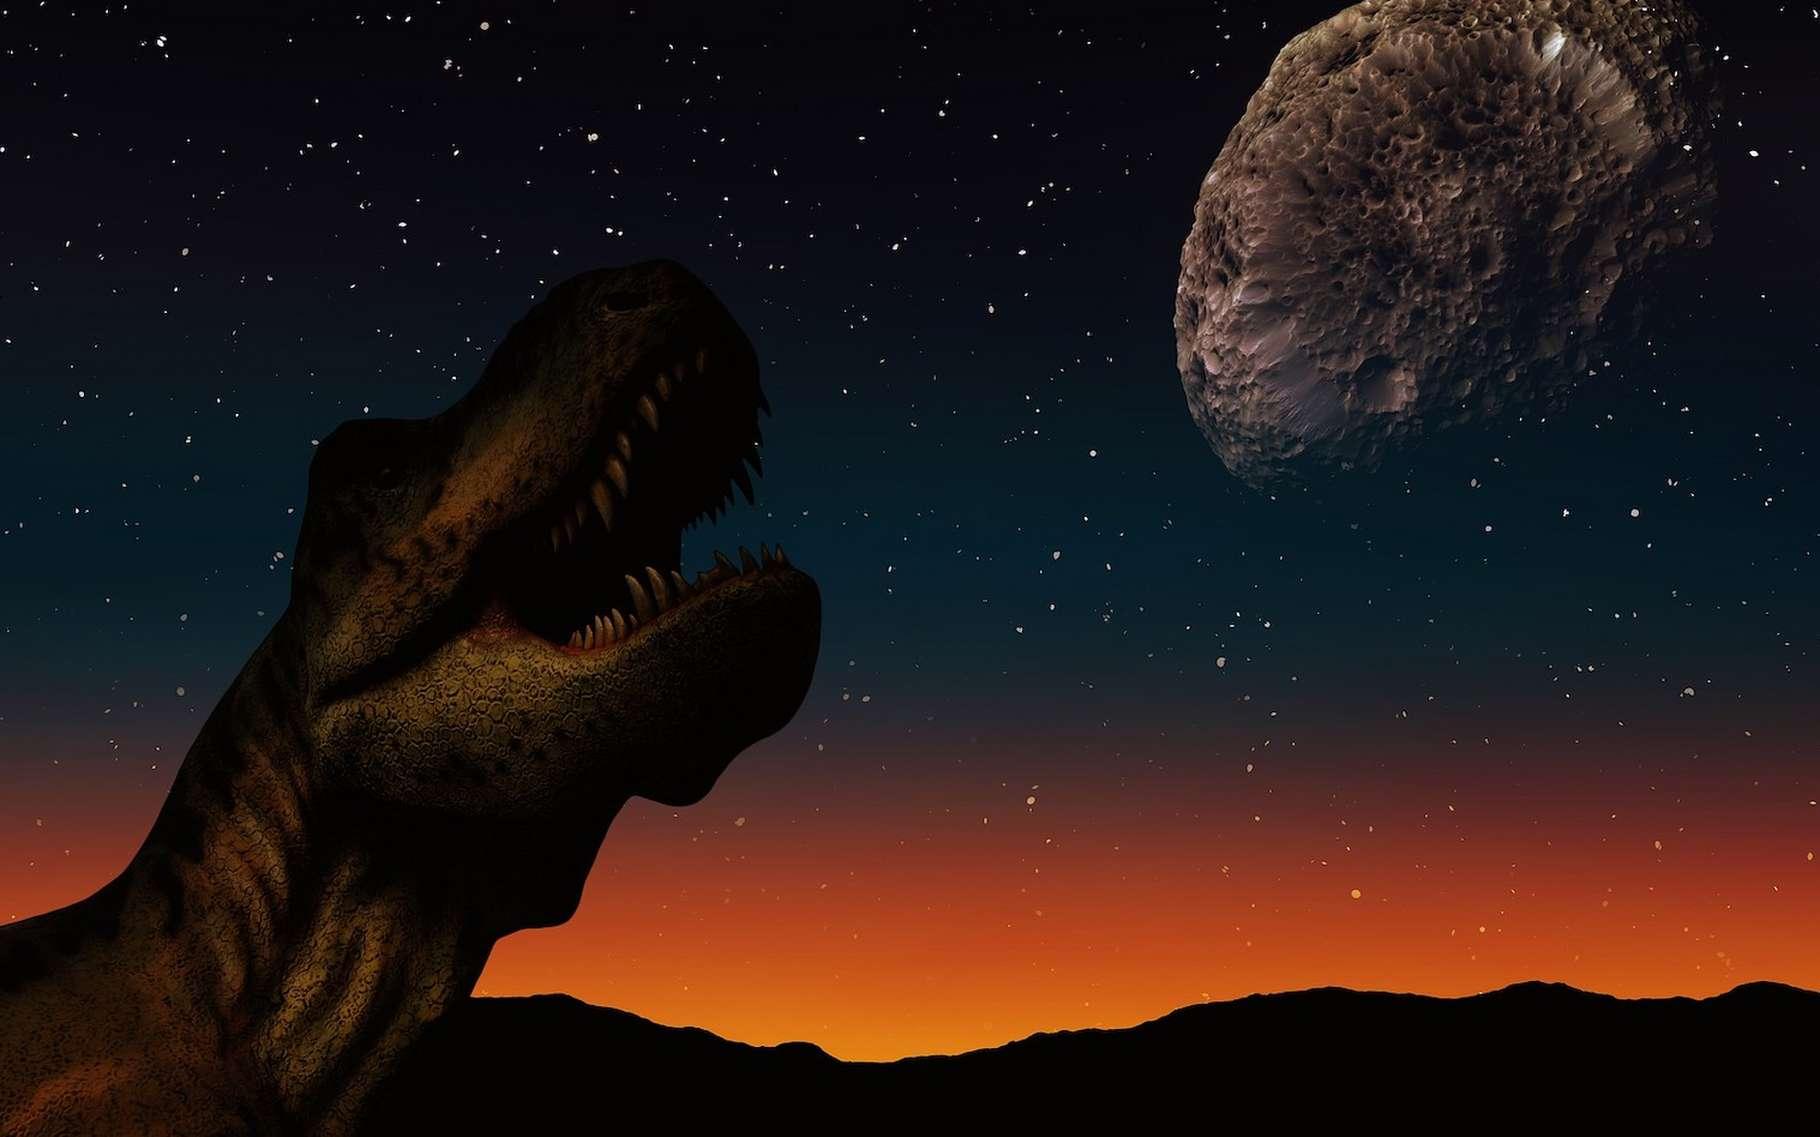 Des chercheurs estiment que, depuis 1750, les activités humaines ont été à l'origine d'une émission de CO2 dans l'atmosphère plus importante que celle générée par l'astéroïde qui a exterminé les dinosaures il y a 66 millions d'années. © geralt, Pixabay License